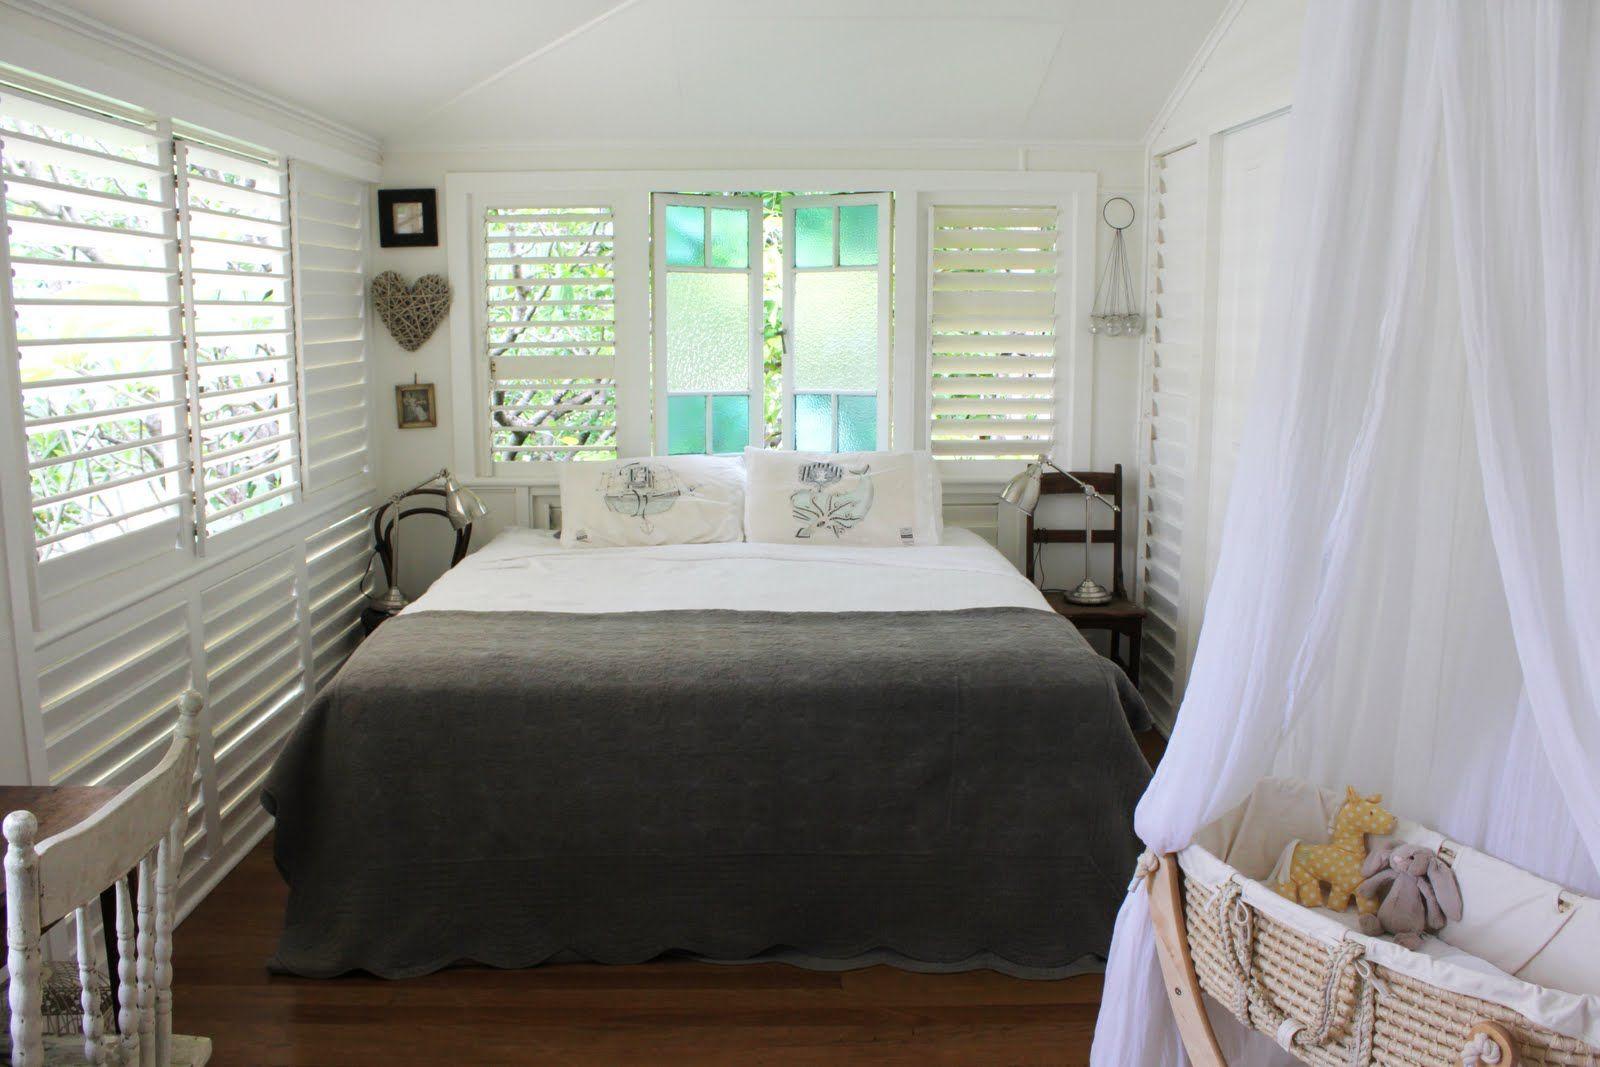 windows! Home, Dream apartment, Home decor